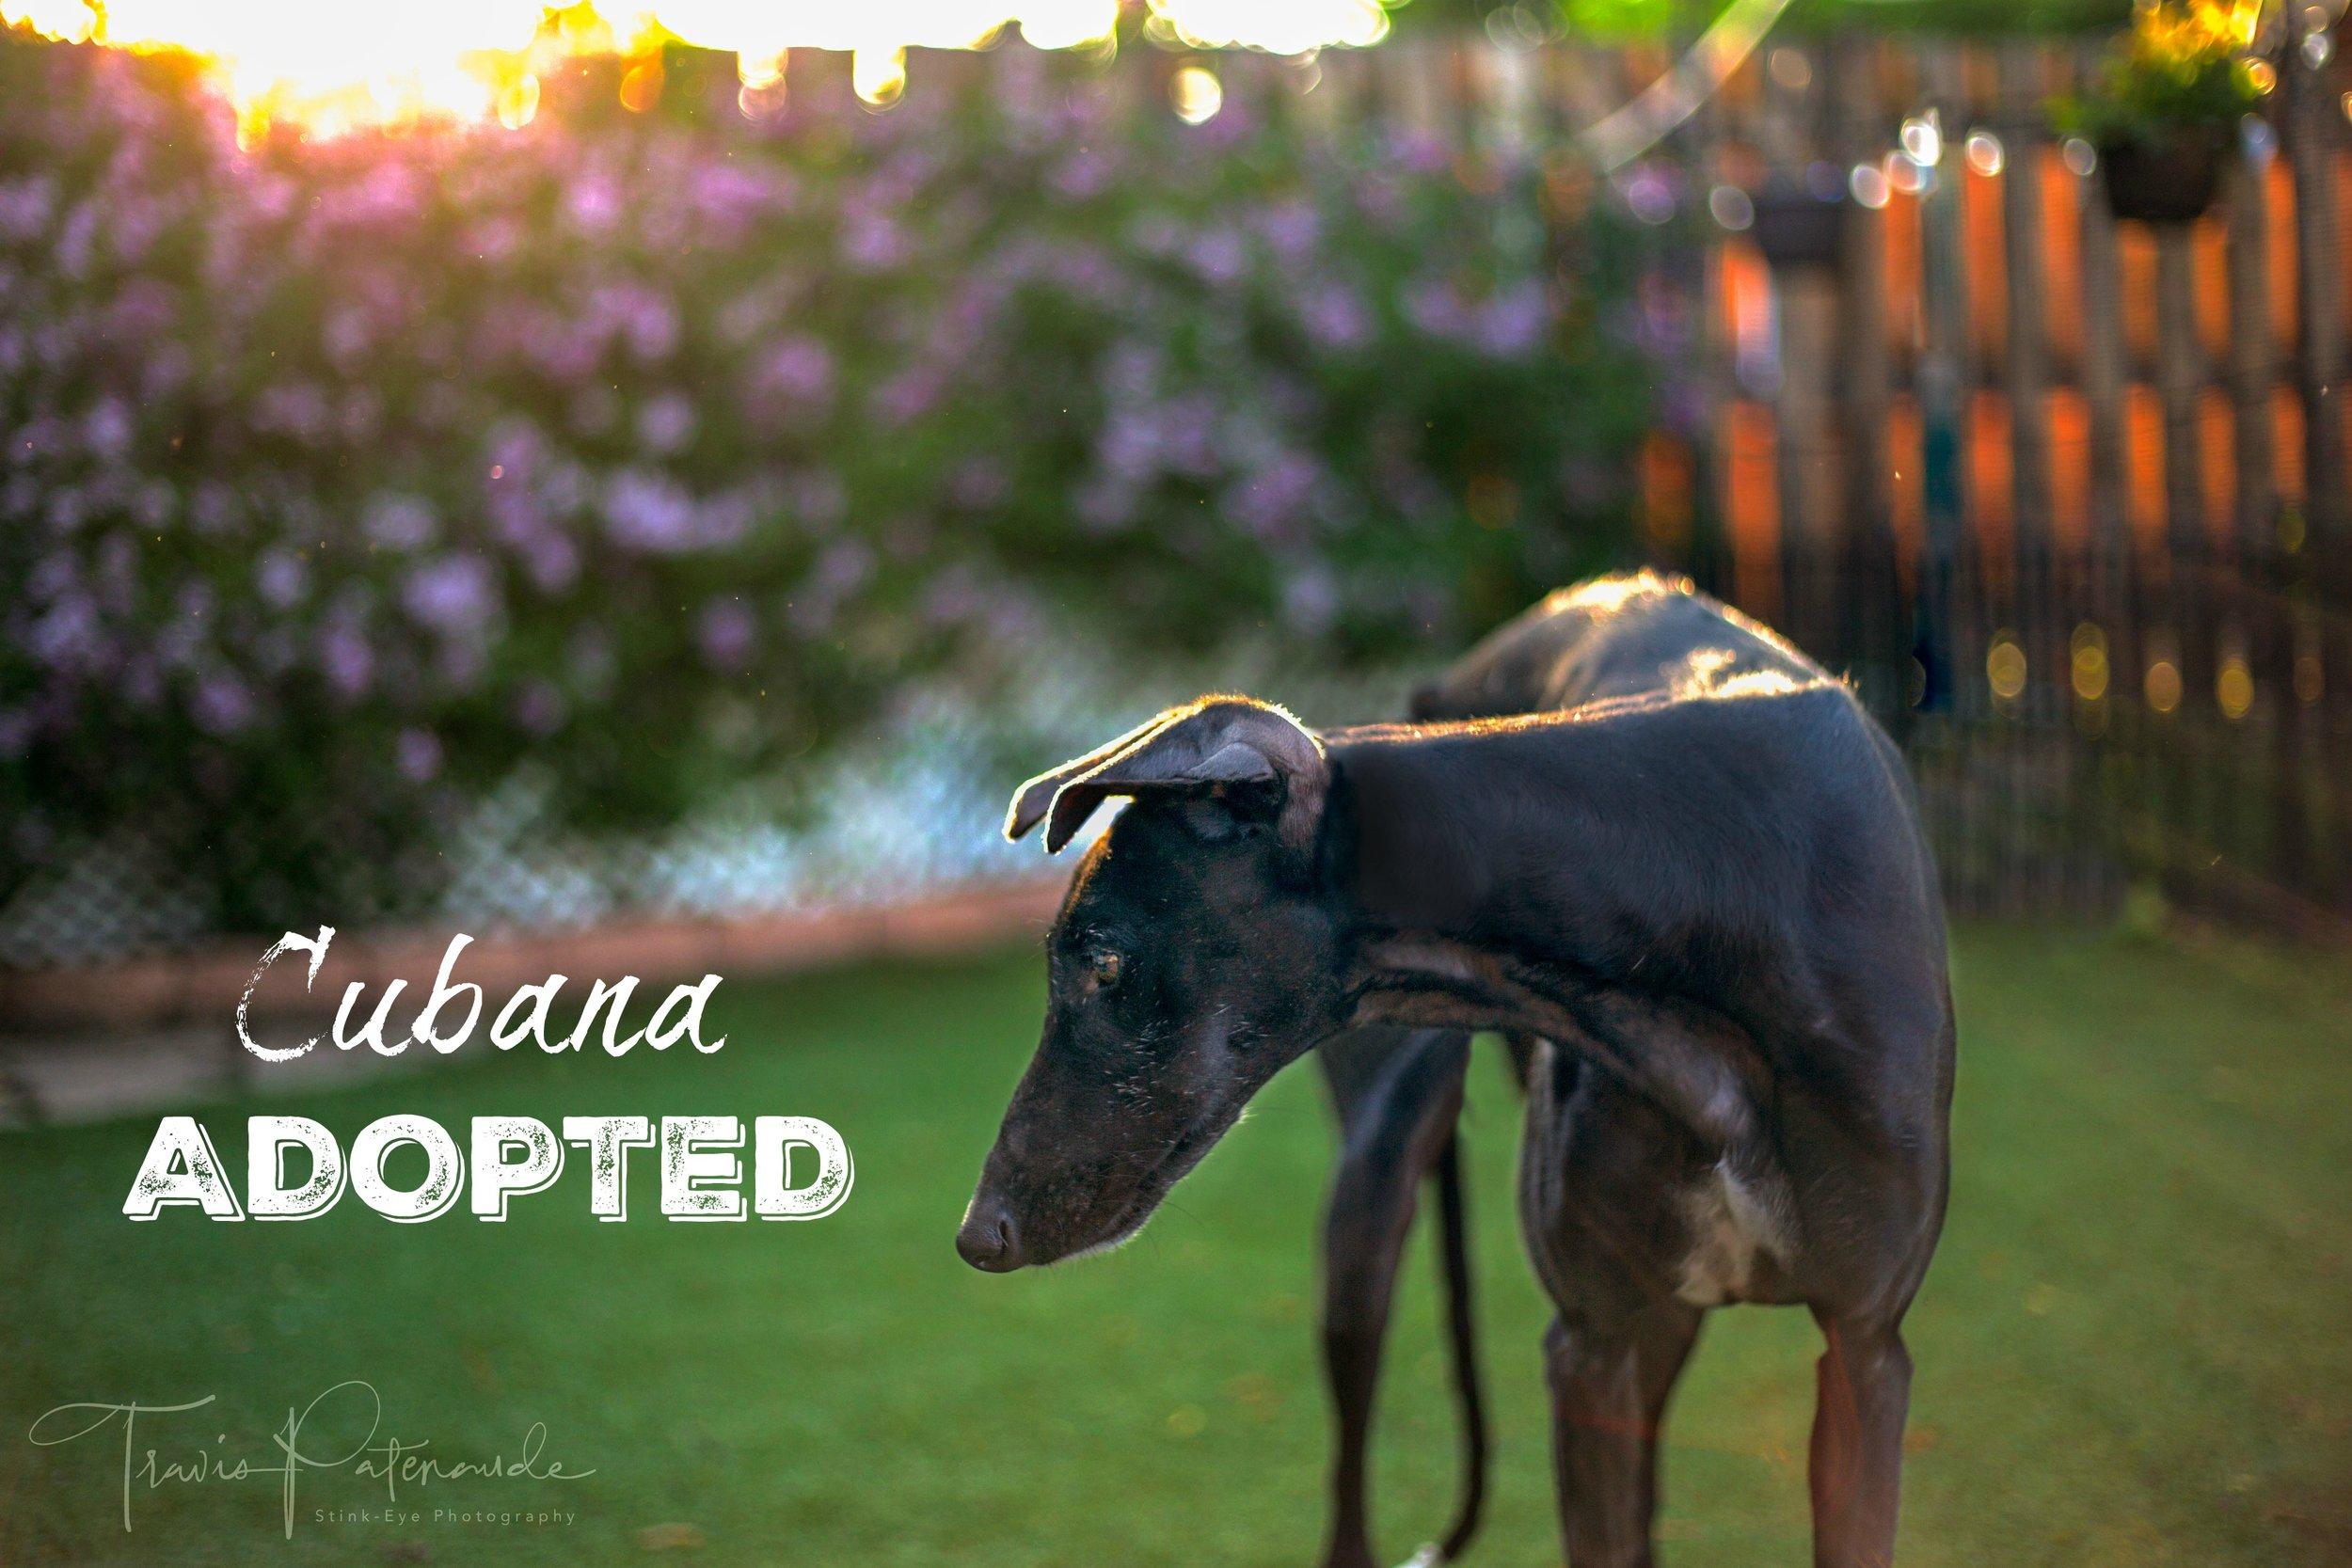 LHBGA-Cubana.Adopted.jpg